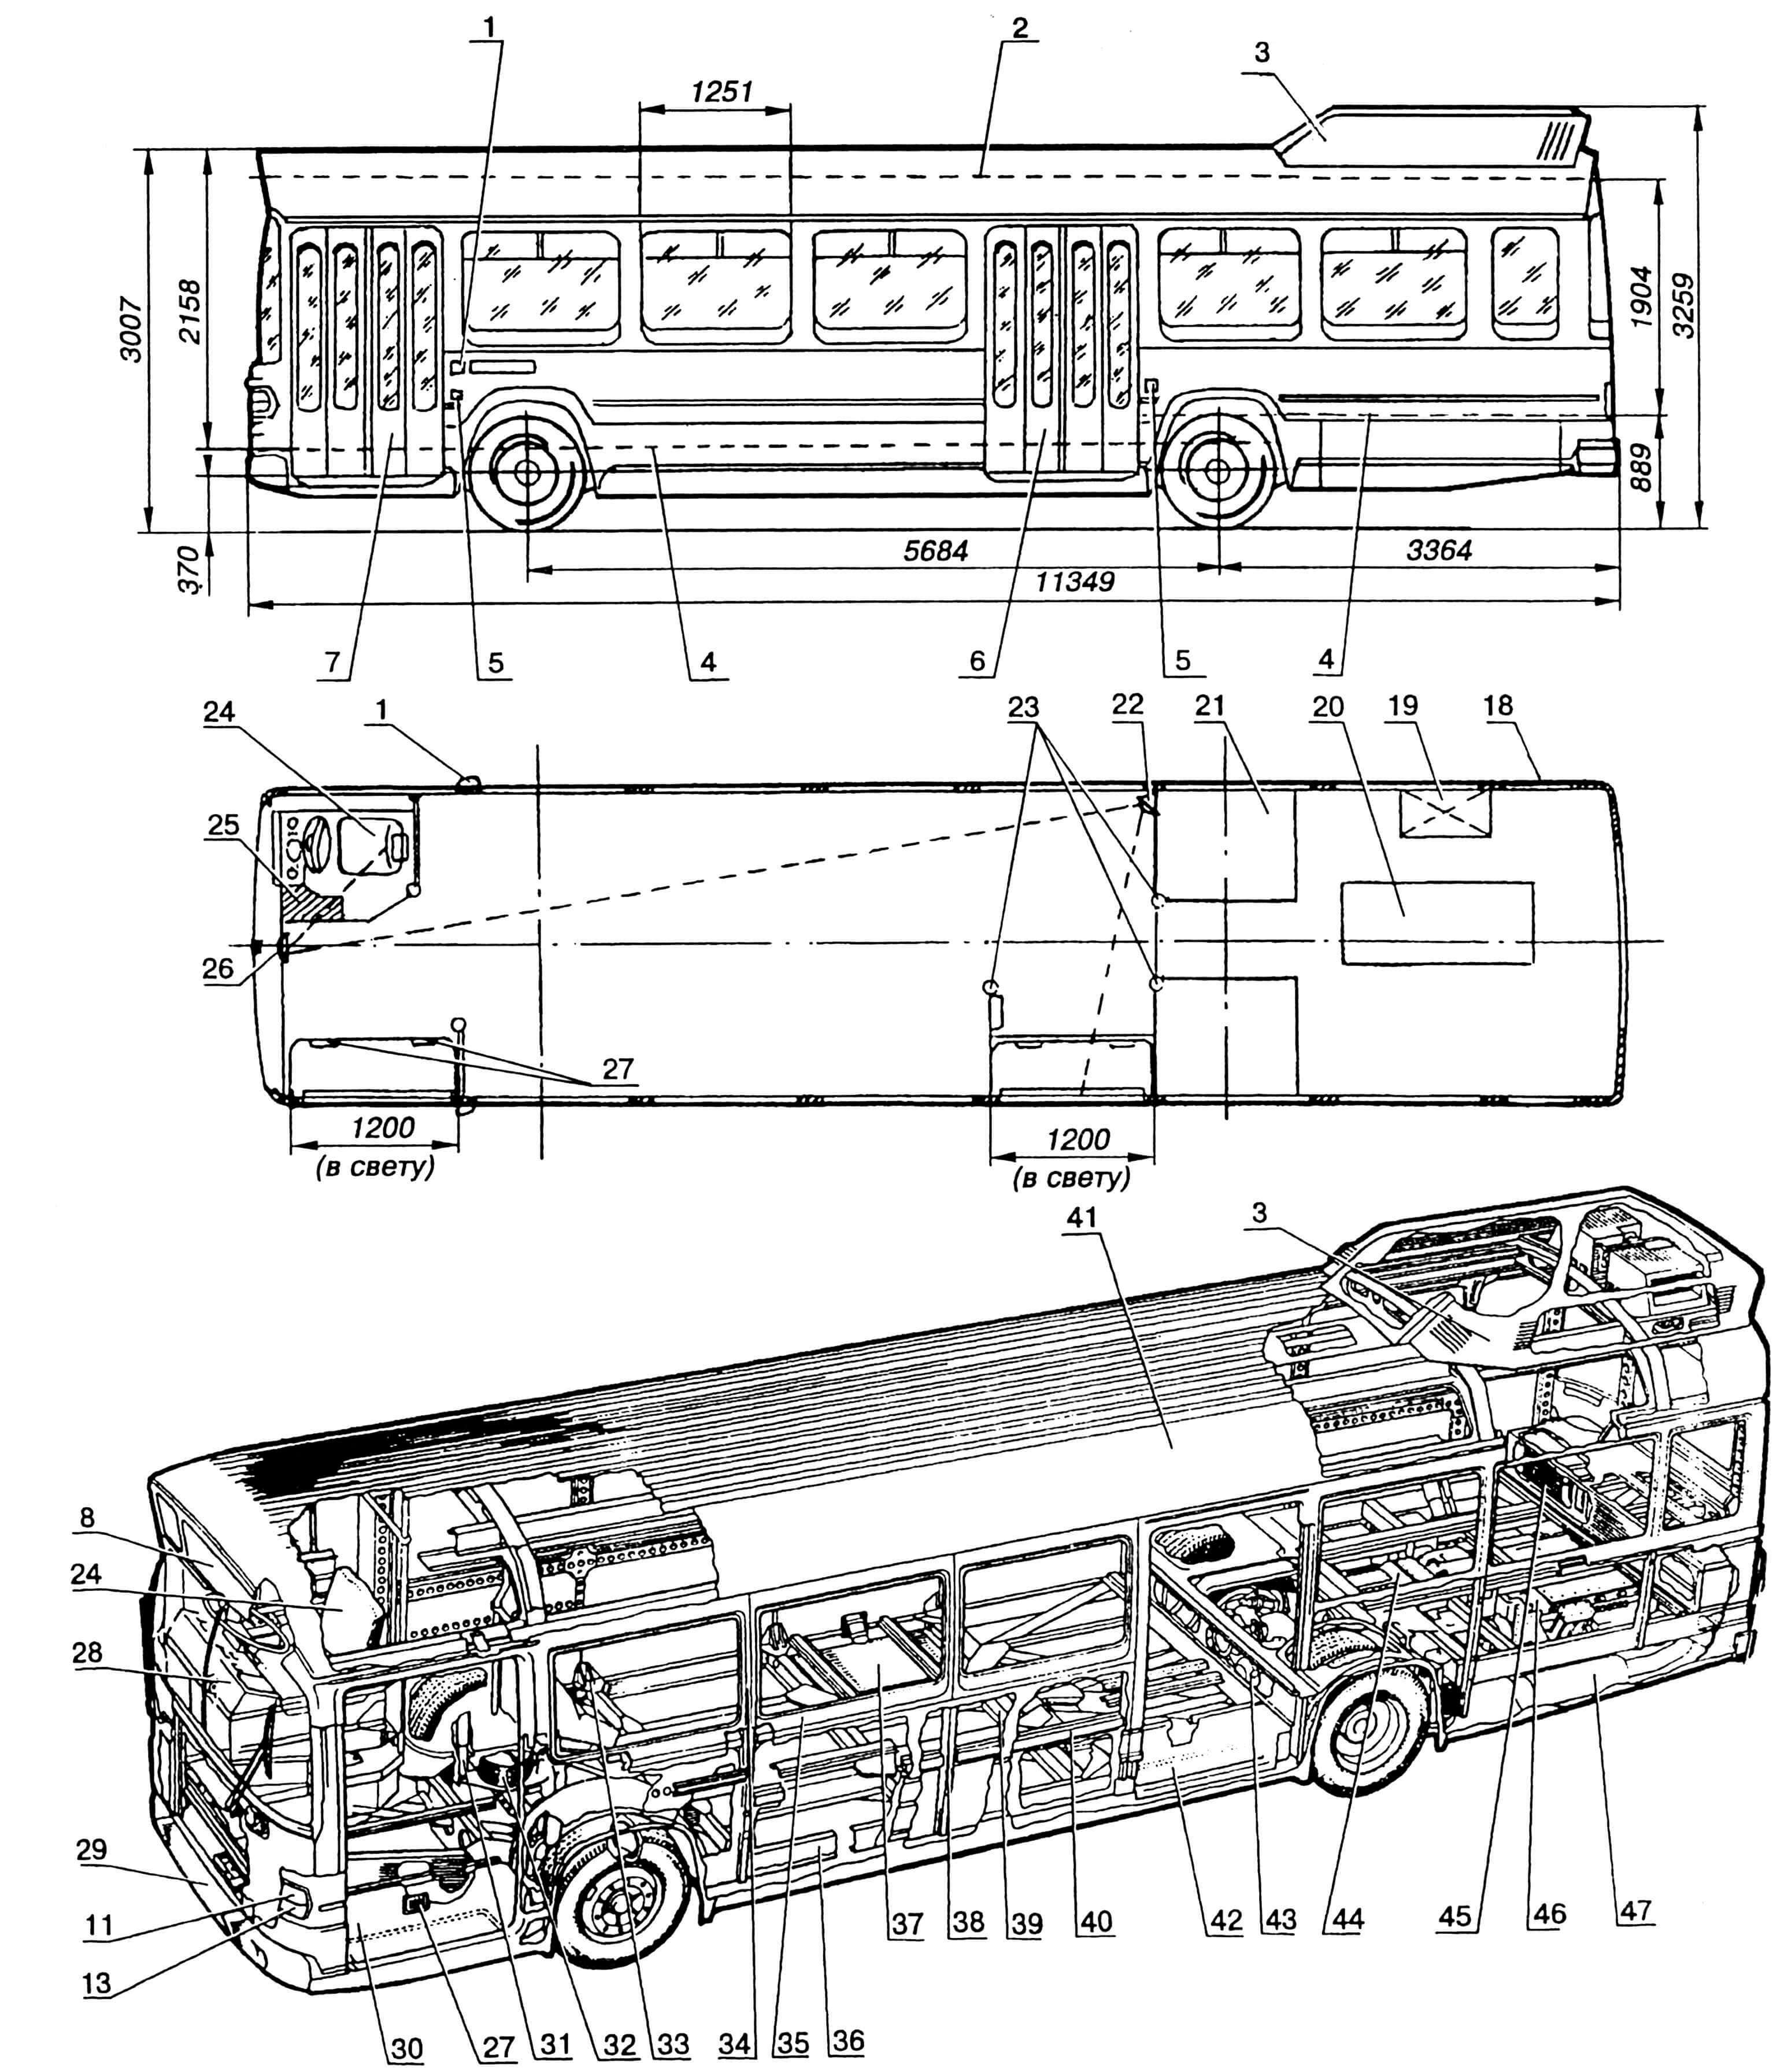 Общий вид и компоновка автобуса LEYLAND NATIONAL: 1 — повторители указателей поворота бортовые, 2 — уровень потолка, 3 — отсек блока вентиляции и отопления, 4 — уровень пола, 5 — кнопка аварийного открытия дверей, 6 — дверь с пневмоприводом выходная, 7 —дверь с пневмоприводом входная, 8 — табло информационные, 9 — стеклоочиститель пневматический, 10 — эмблема концерна LEYLAND, 11 — огни габаритные (белые), 12 — знак номерной передний, 13 — указатели поворота (оранжевые), 14 — фонарь заднего хода (белый), 15 — фонарь стоп-сигнала (красный), 16 — знак номерной задний, 17 — решетка радиатора, 18 — выход аварийный, 19 — отсек аккумуляторный, 20 — люк обслуживания двигателя, 21 —ниша задних колес правая, 22 — зеркало дополнительное, 23 — поручни вертикальные, 24 — сиденье водителя, 25 — место кассового аппарата, 26 — зеркало заднего вида, 27 — фонари освещения ступеней, 28 — панель приборов, 29 — бампер, 30 — ступеньки входа, 31 — амортизатор передней подвески, 32 — пневмобаллон, 33 — усилитель угловой, 34 — стойка боковины, 35 — лонжерон подоконный (брус), 36 — лонжерон шасси, 37 — бензобак, 38 — шпангоут боковины, 39 — поперечина шасси, 40 — усилитель боковины продольный, 41 — панель крыши, 42 — ступеньки выхода, 43 — мост задний, 44 — коробка передач, 45 — радиатор, 46 — двигатель, 47 — глушитель.